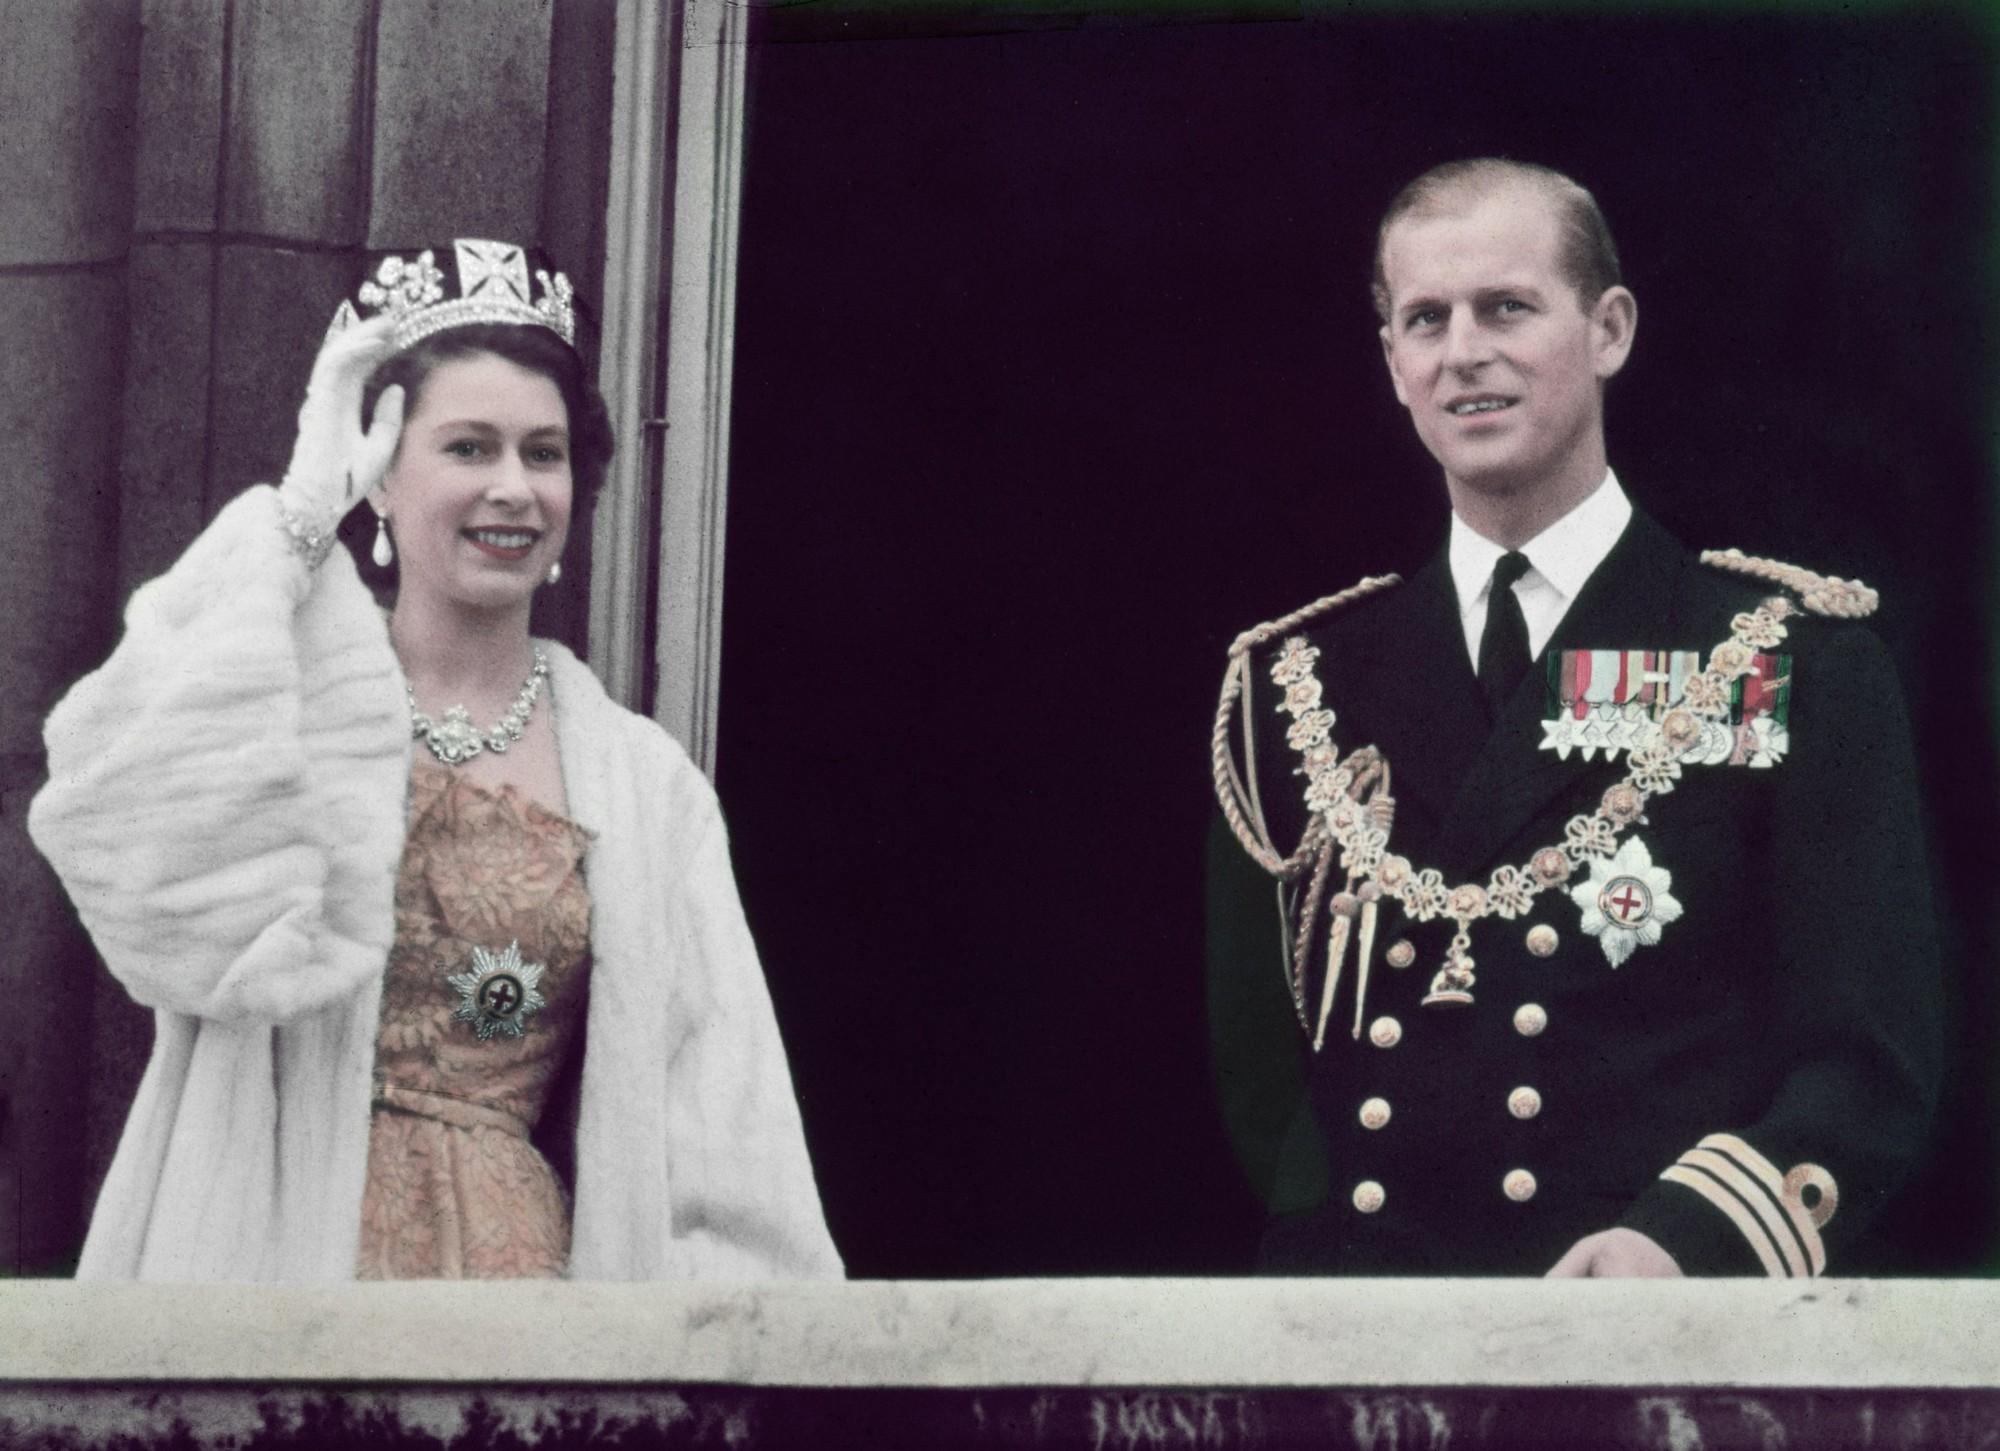 Những đám cưới đẹp như cổ tích trong lịch sử 100 năm hoàng gia Anh - Ảnh 7.